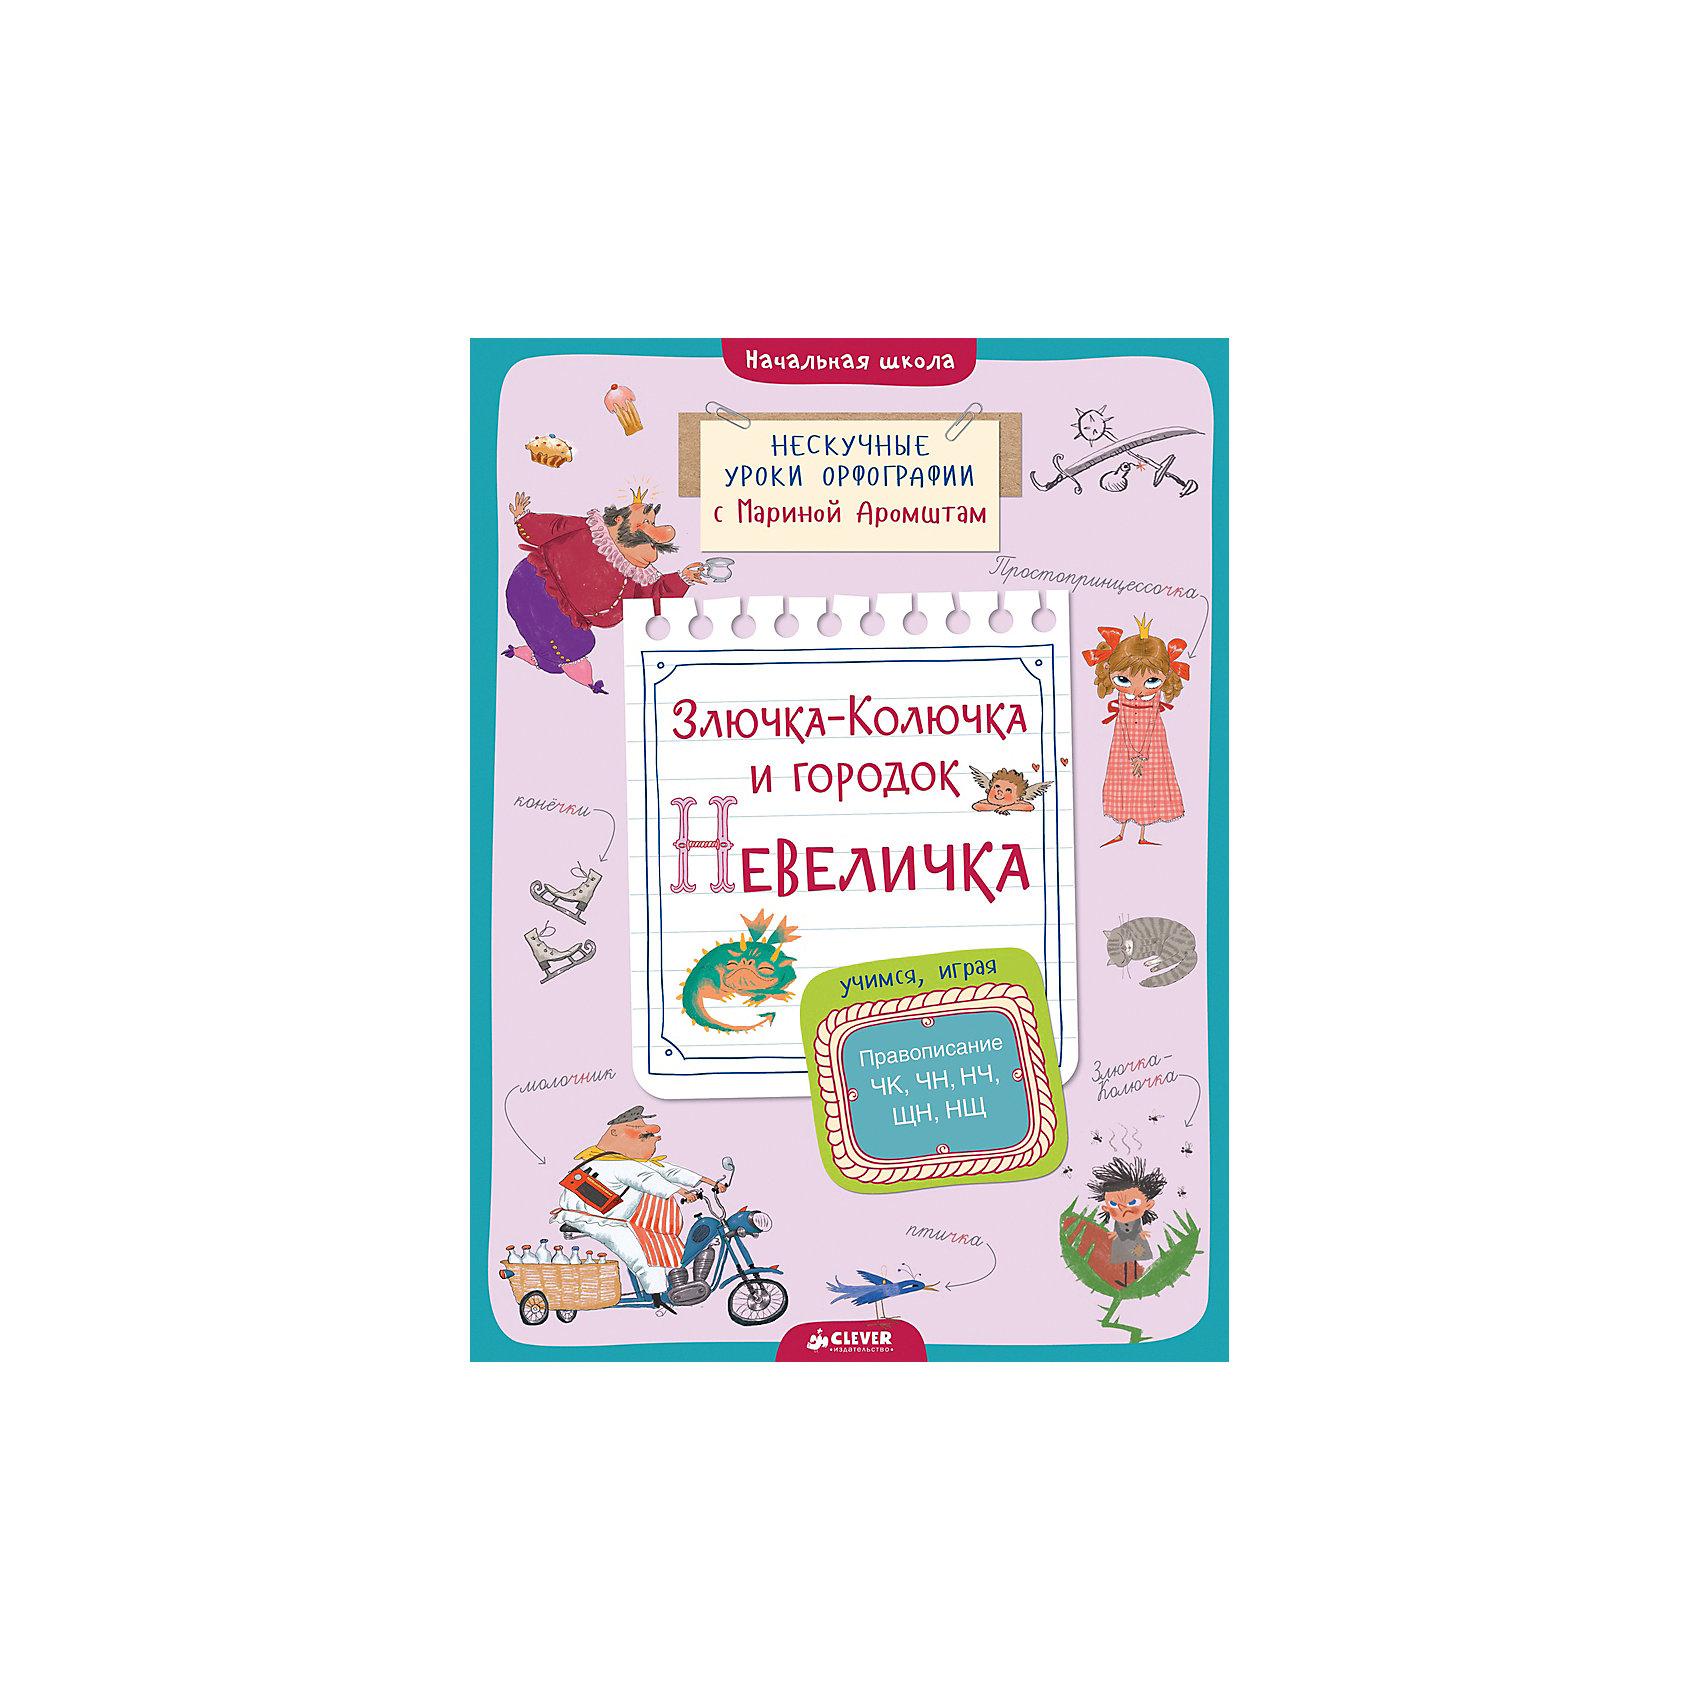 Правописание ЧК, ЧН, НЧ, ЩН и НЩ, М. АромштамРазвивающие книги<br>Данная серия изданий для начинающих учеников - это удобный формат, эффективный способ запомнить нужные правила и провести время с пользой! Правописание не всеми запоминается легкою Сделать это занятие интересным и легким поможет данное издание.<br>В нем с помощью уникальной методики и волшебных историй опытный педагог Марина Аромштам помогает детям твердо запомнить правописание сложных слогов. Также в книге есть яркие иллюстрации!<br><br>Дополнительная информация:<br><br>формат: 21 х 29 см;<br>страниц: 48;<br>офсетная печать.<br><br>Издание Правописание ЧК, ЧН, НЧ, ЩН и НЩ. Аромштам можно купить в нашем интернет-магазине.<br><br>Ширина мм: 290<br>Глубина мм: 215<br>Высота мм: 8<br>Вес г: 245<br>Возраст от месяцев: 84<br>Возраст до месяцев: 132<br>Пол: Унисекс<br>Возраст: Детский<br>SKU: 4976173